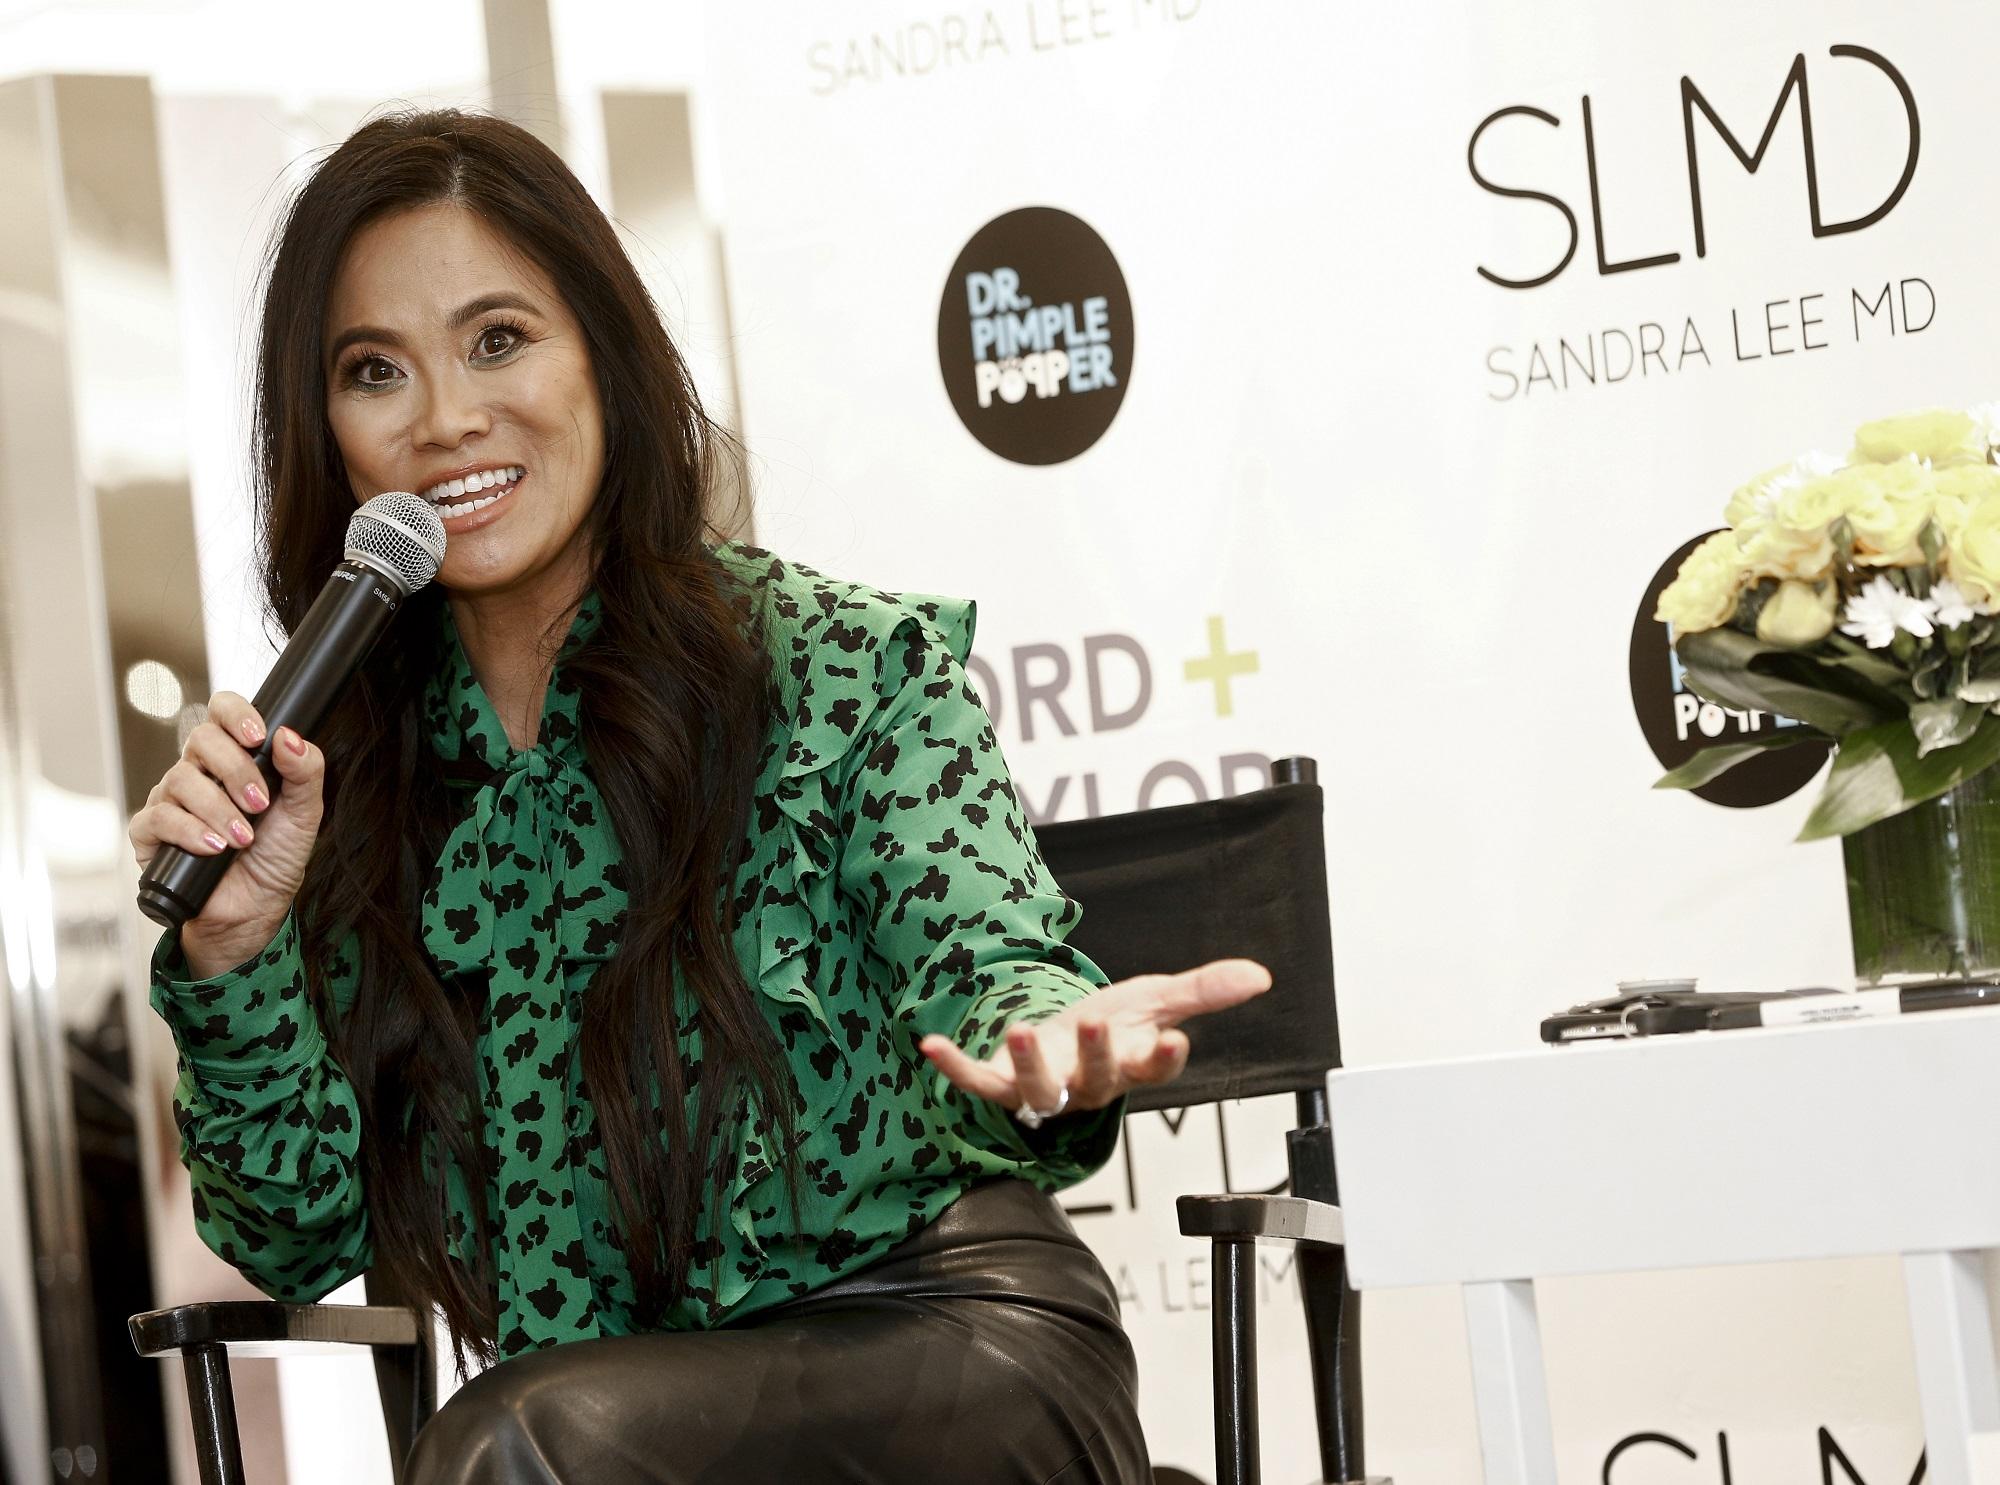 Dr. Sandra Lee, star of Dr. Pimple Popper